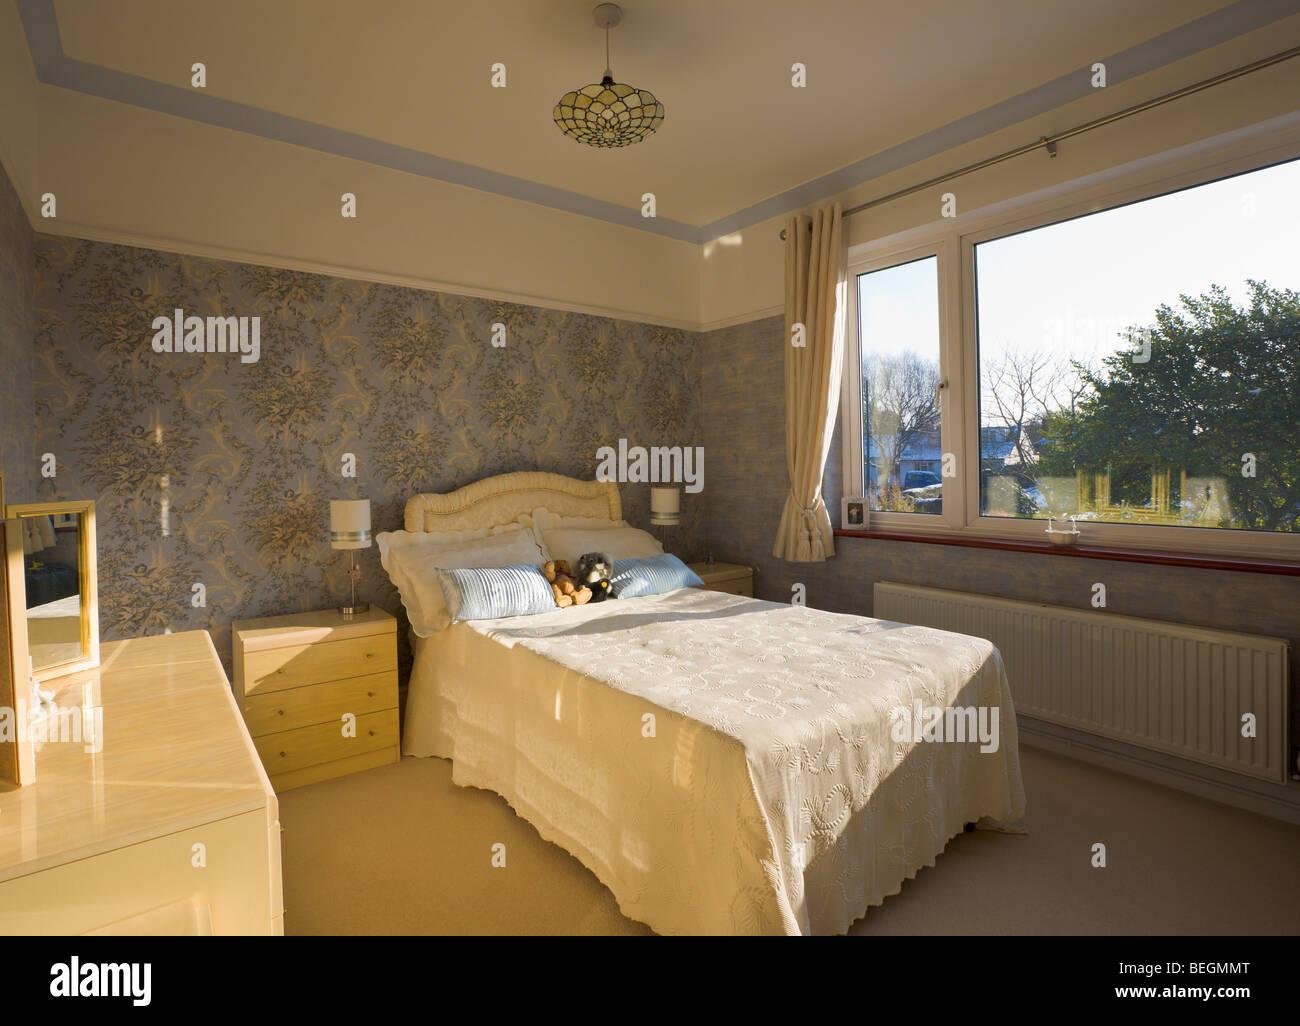 Chambre double Photo Stock